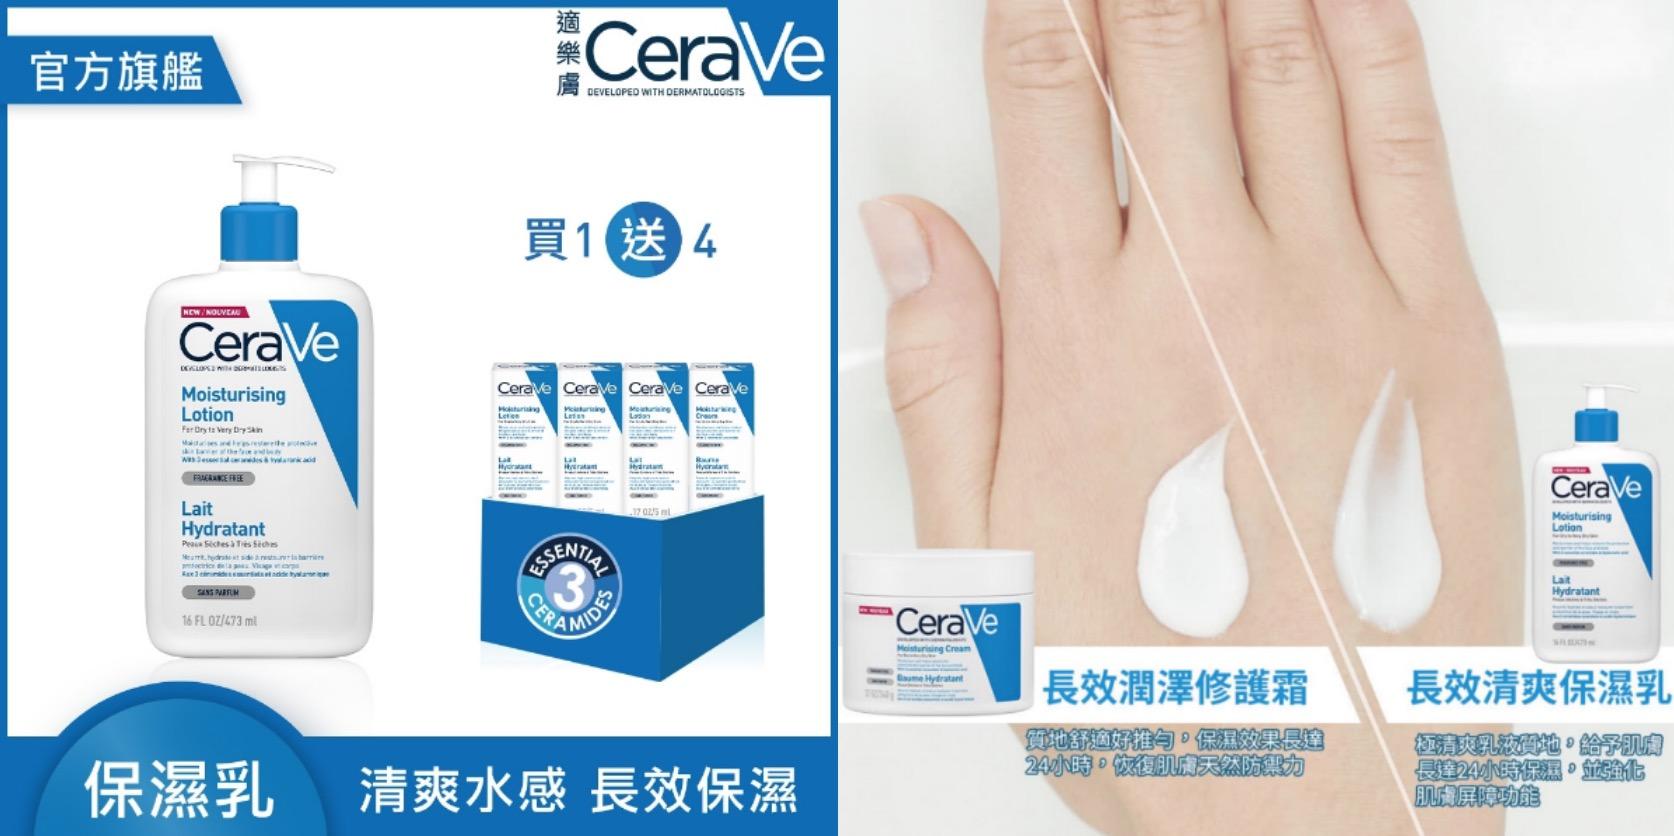 CeraVe長效清爽保濕乳極清爽乳液質地好吸收,維持24小時長效保濕,敏感肌與乾燥肌適用!NO.1 美國皮膚科醫生推薦品牌,皮膚科醫生共同研發,亦榮登美國濕疹協會認證!是全家人的乾癢肌救星,臉部+身體都可擦。